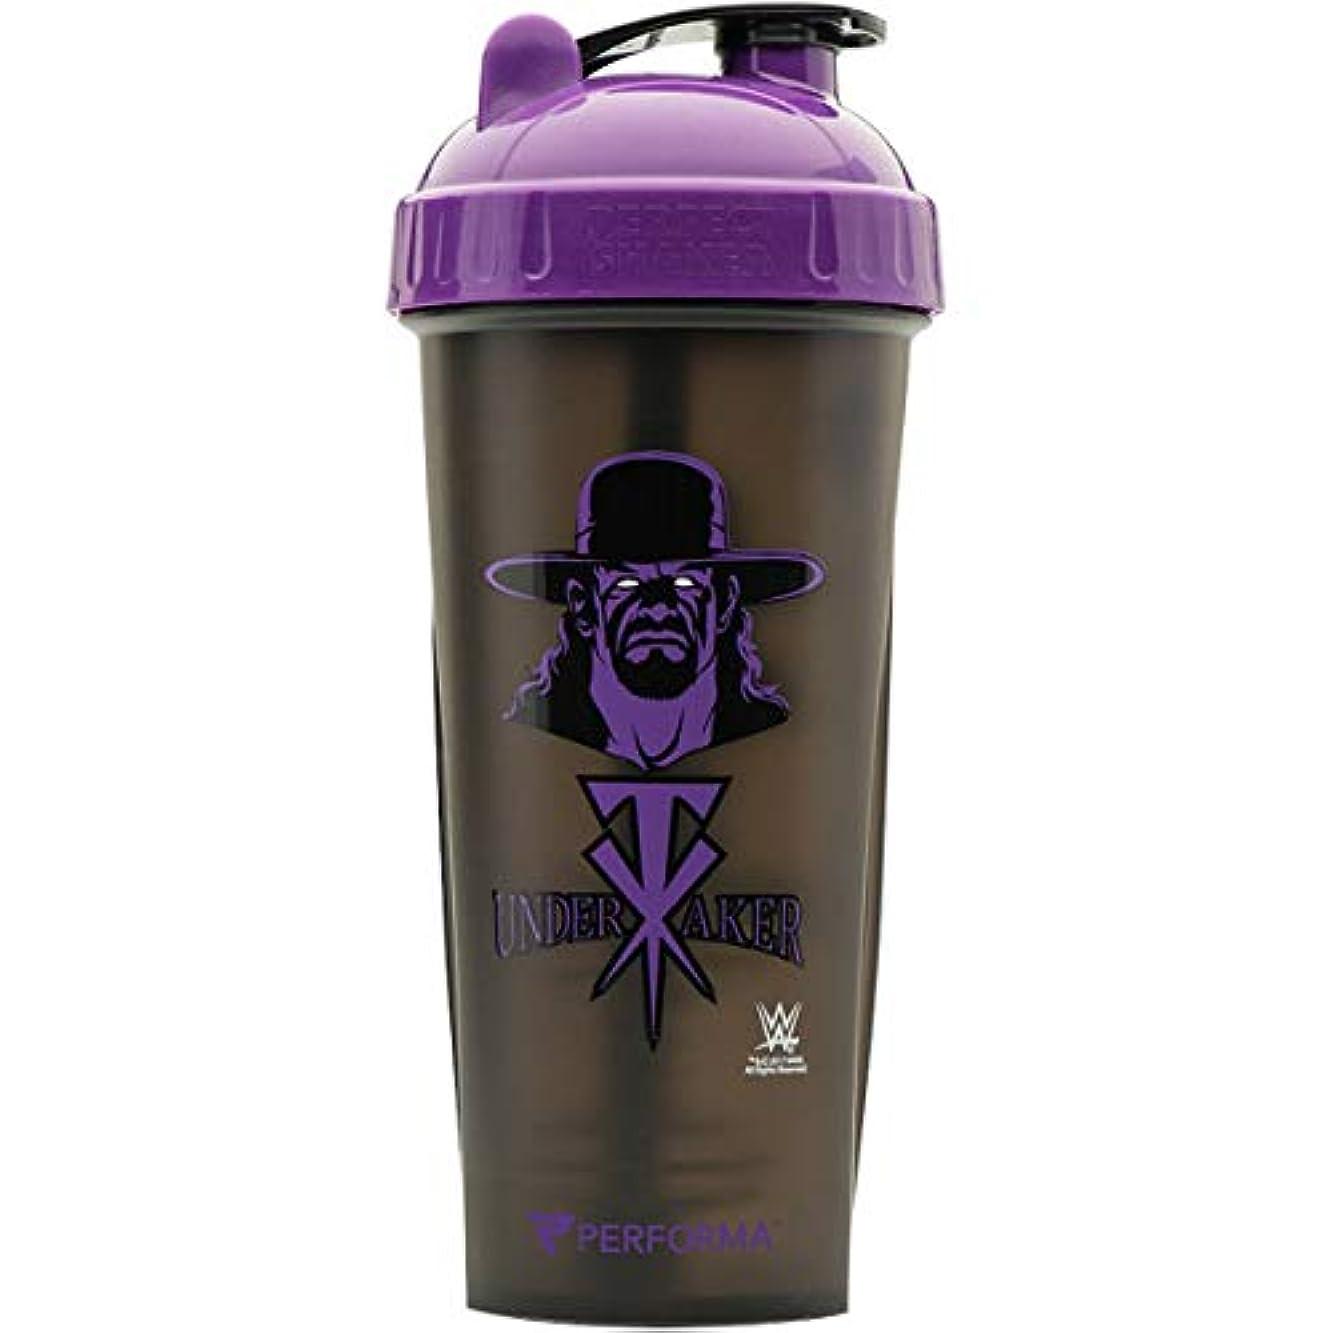 最後にそこしわBOT-2 ボトル シェイカー プロテイン 水筒 アンダーテイカ― 筋トレ ジム ブレンダ― ミキサー WWE WWF 800ml (BOT-2)